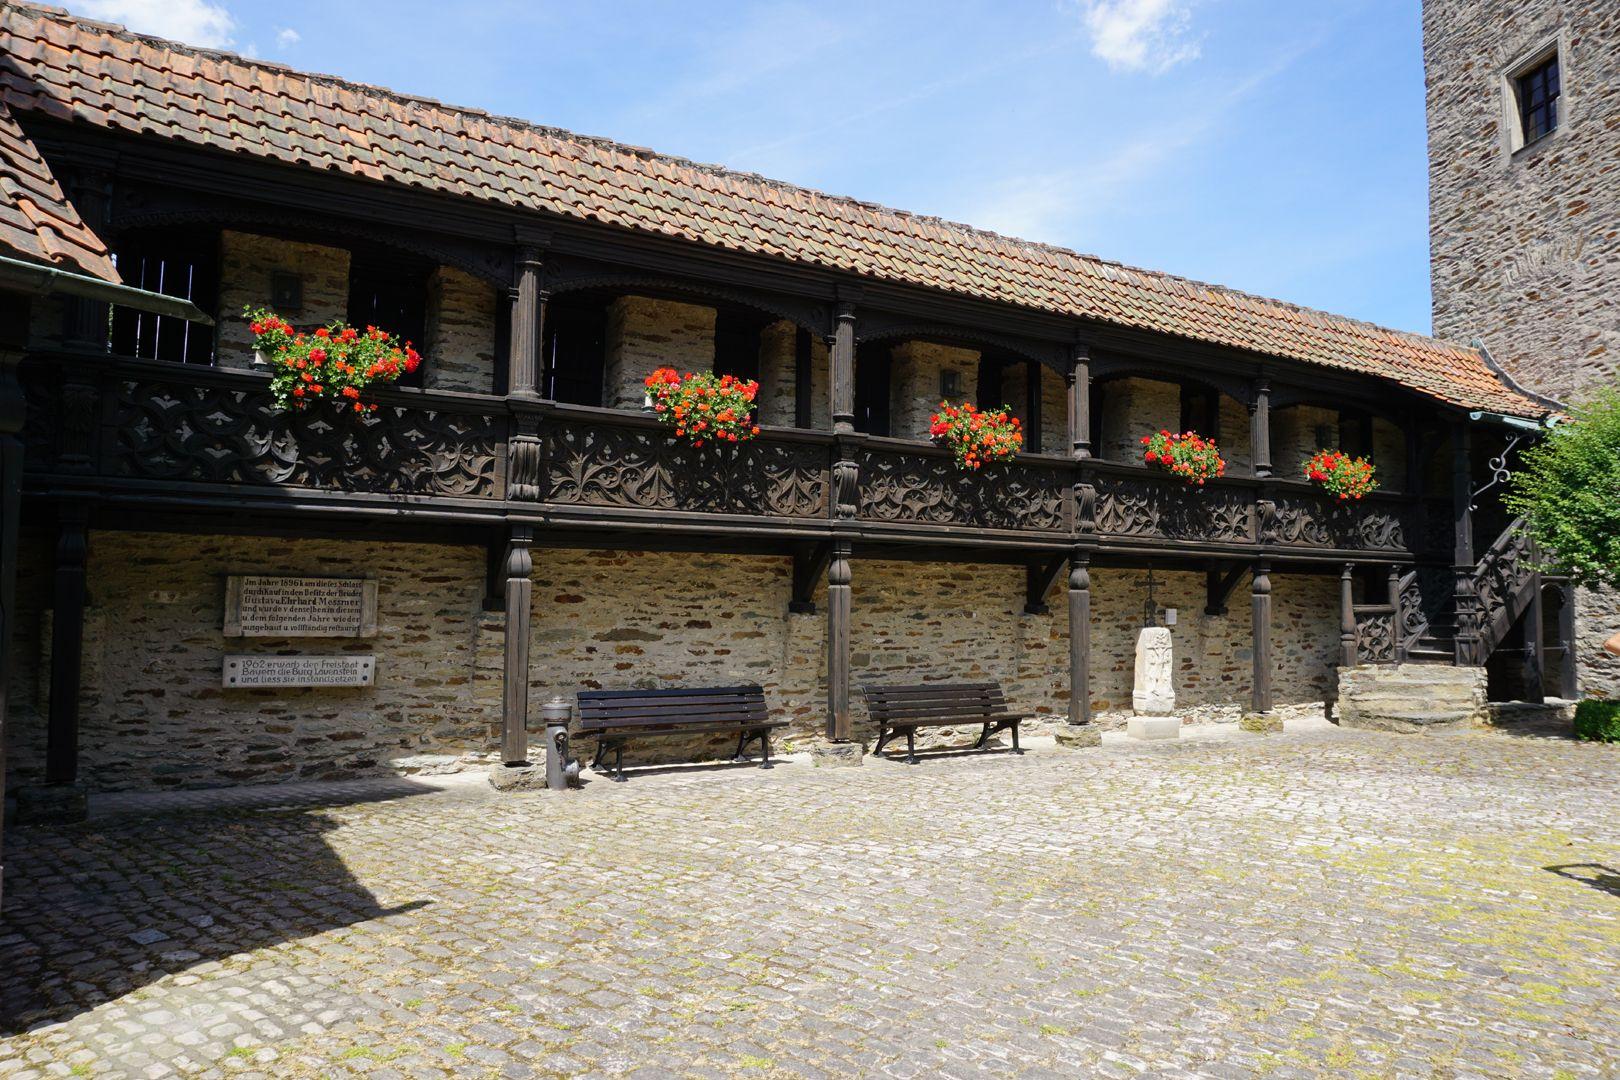 Nachgotische Holzgalerie aus Nürnberg Burghof nach Norden. Die Nürnberger Galerien wurden funktionswidrig am Wehrgang angebracht. Dabei wurden die unteren Holzständer verkürzt.